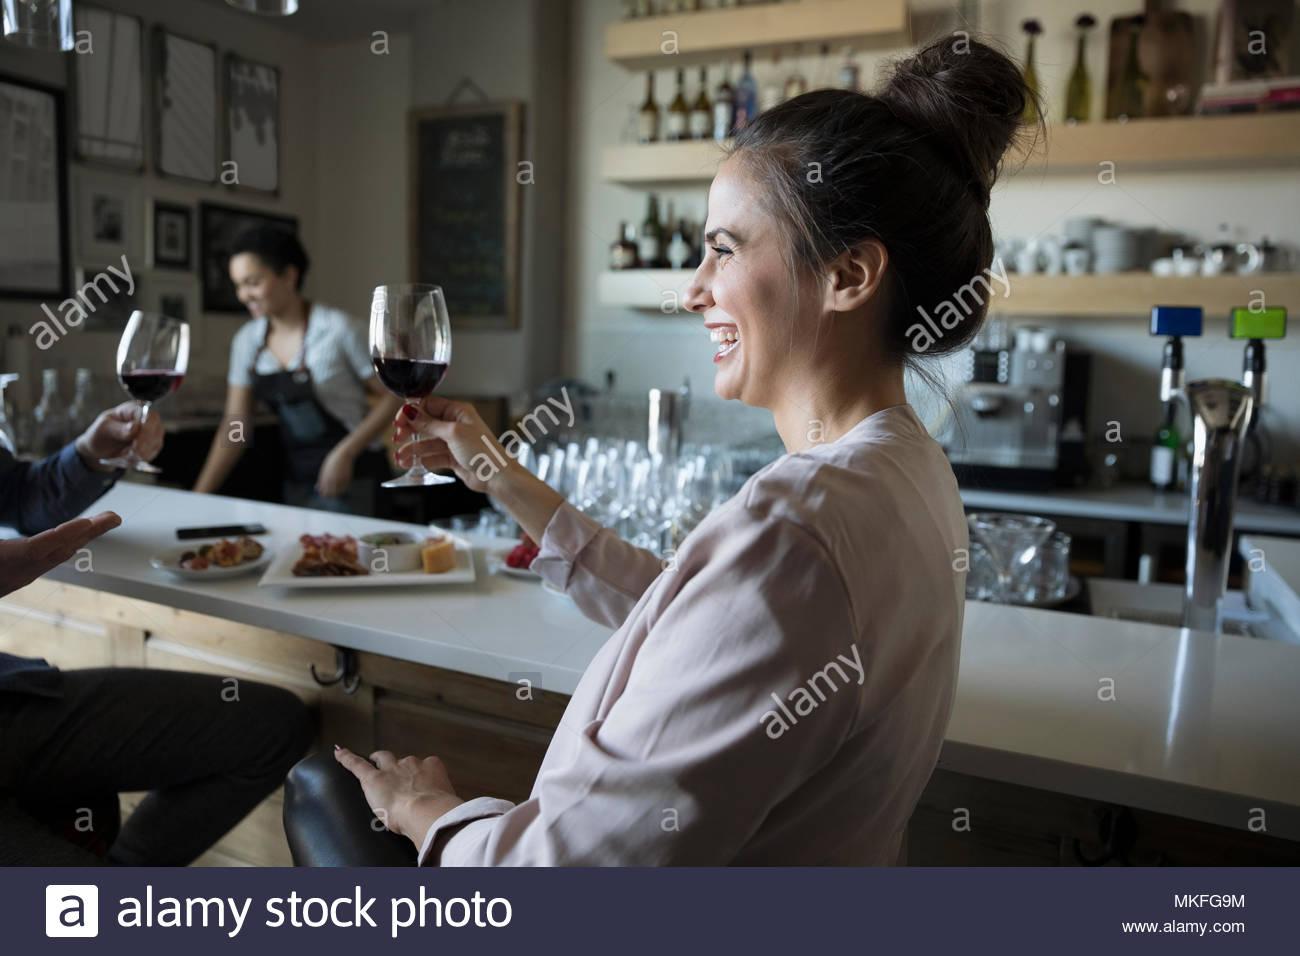 Risa despreocupada joven bebiendo vino tinto en bar Imagen De Stock